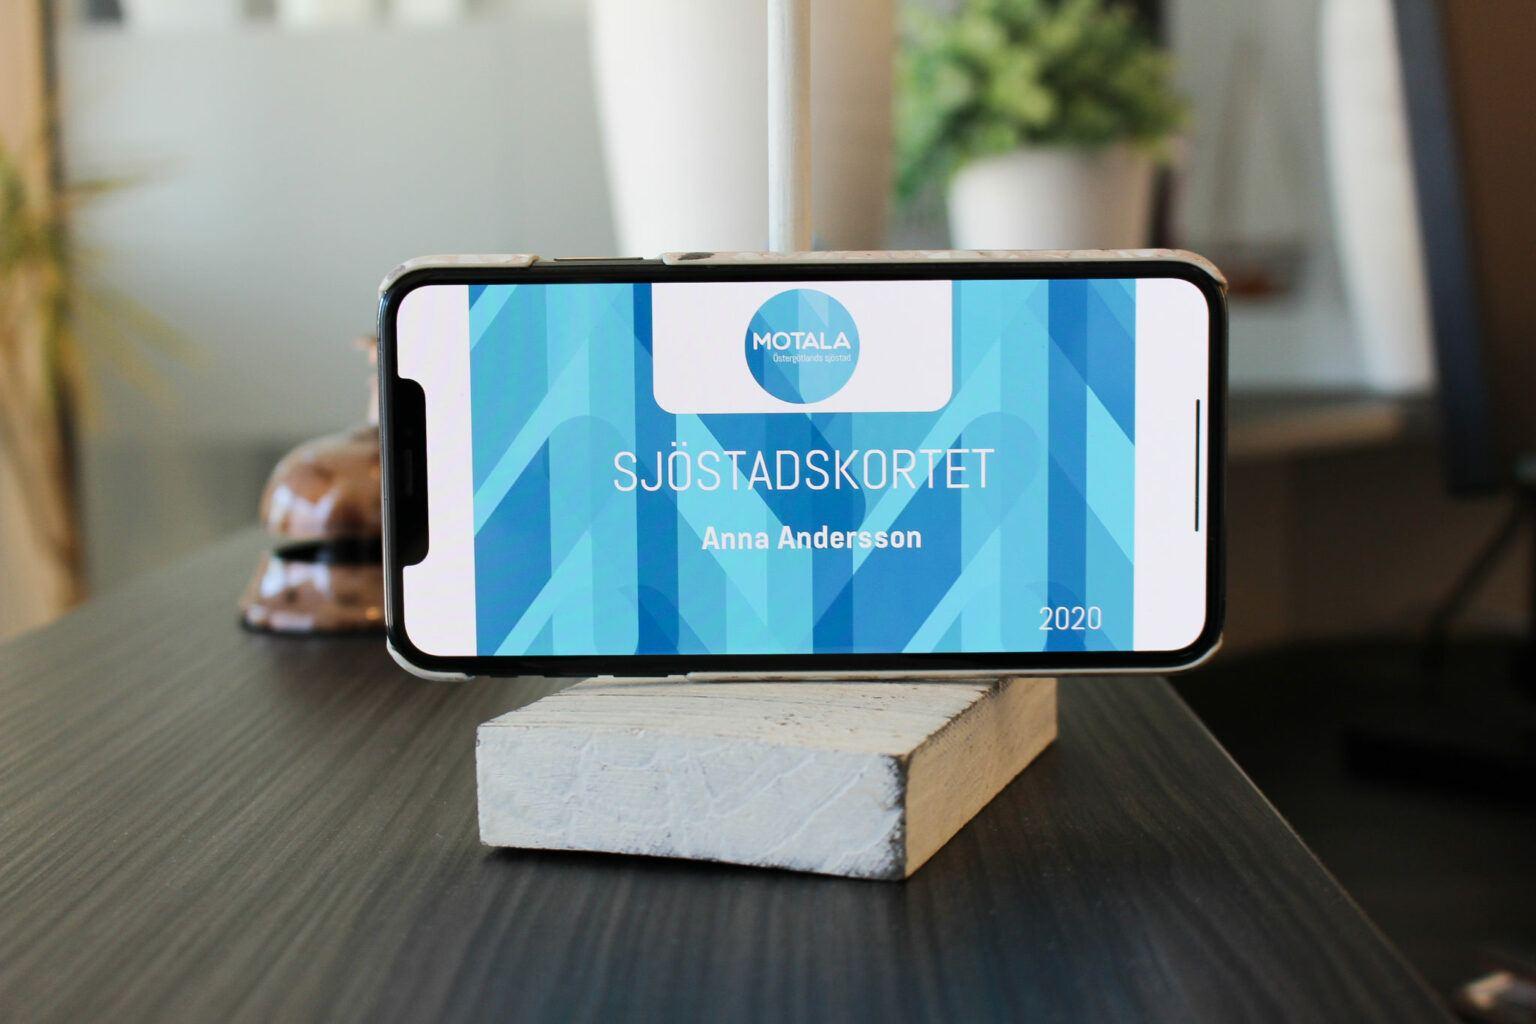 Smartphone ligger på ett bord. På skärmen ser man ett sjöstadskort.